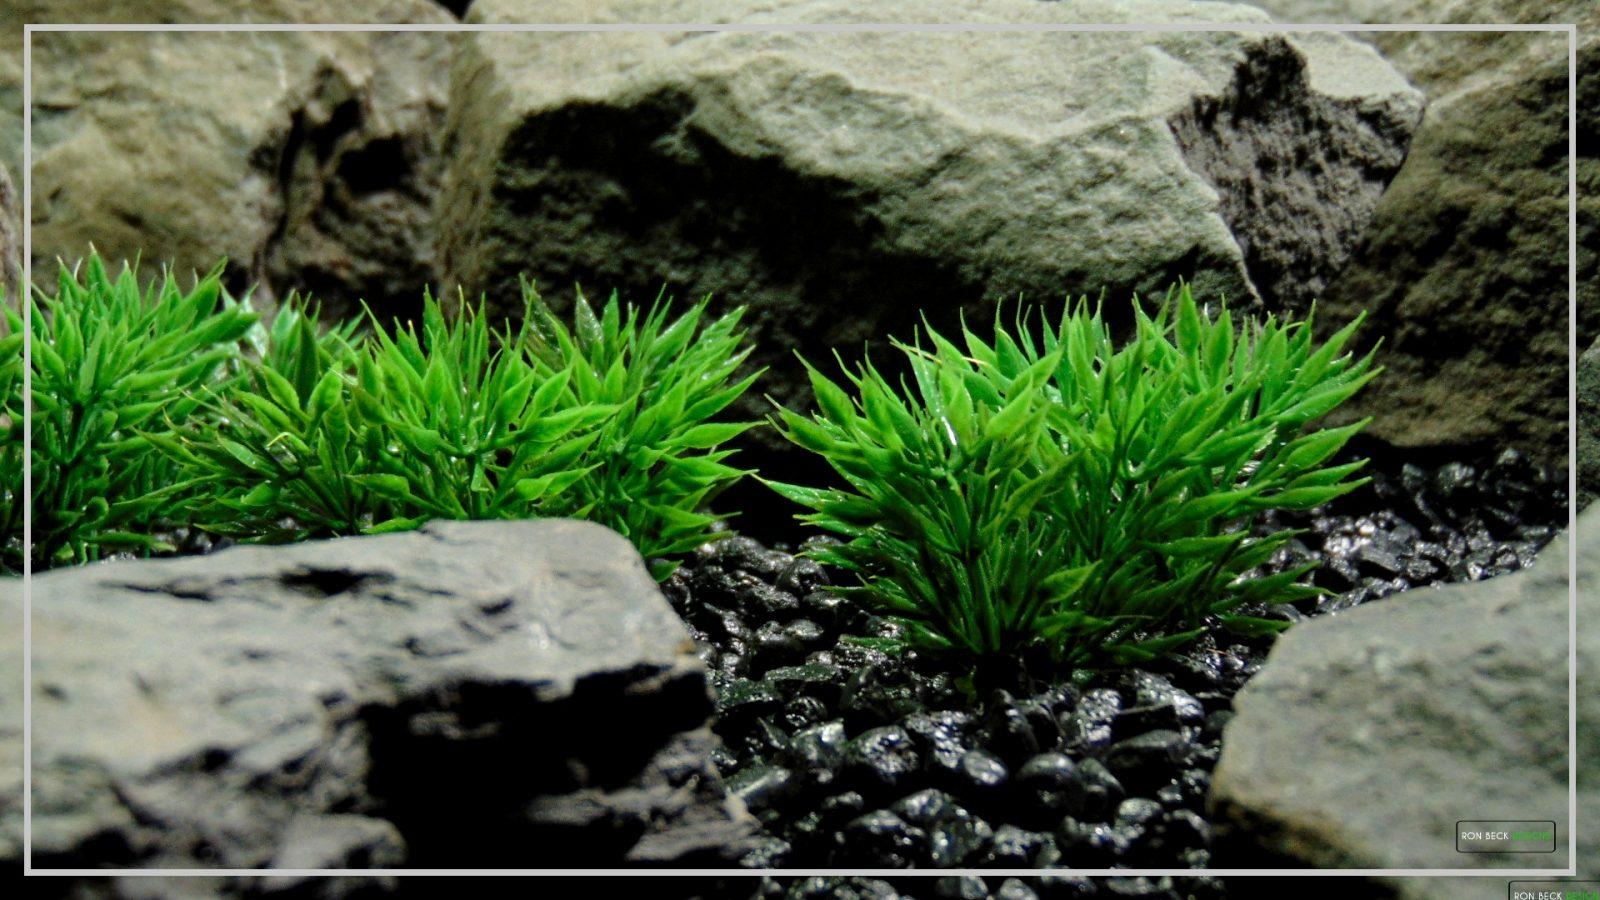 Artificial Podocarpus Grass Plot - Reptile Terrarium Habitat Plant - PARP402 1920 1080 2